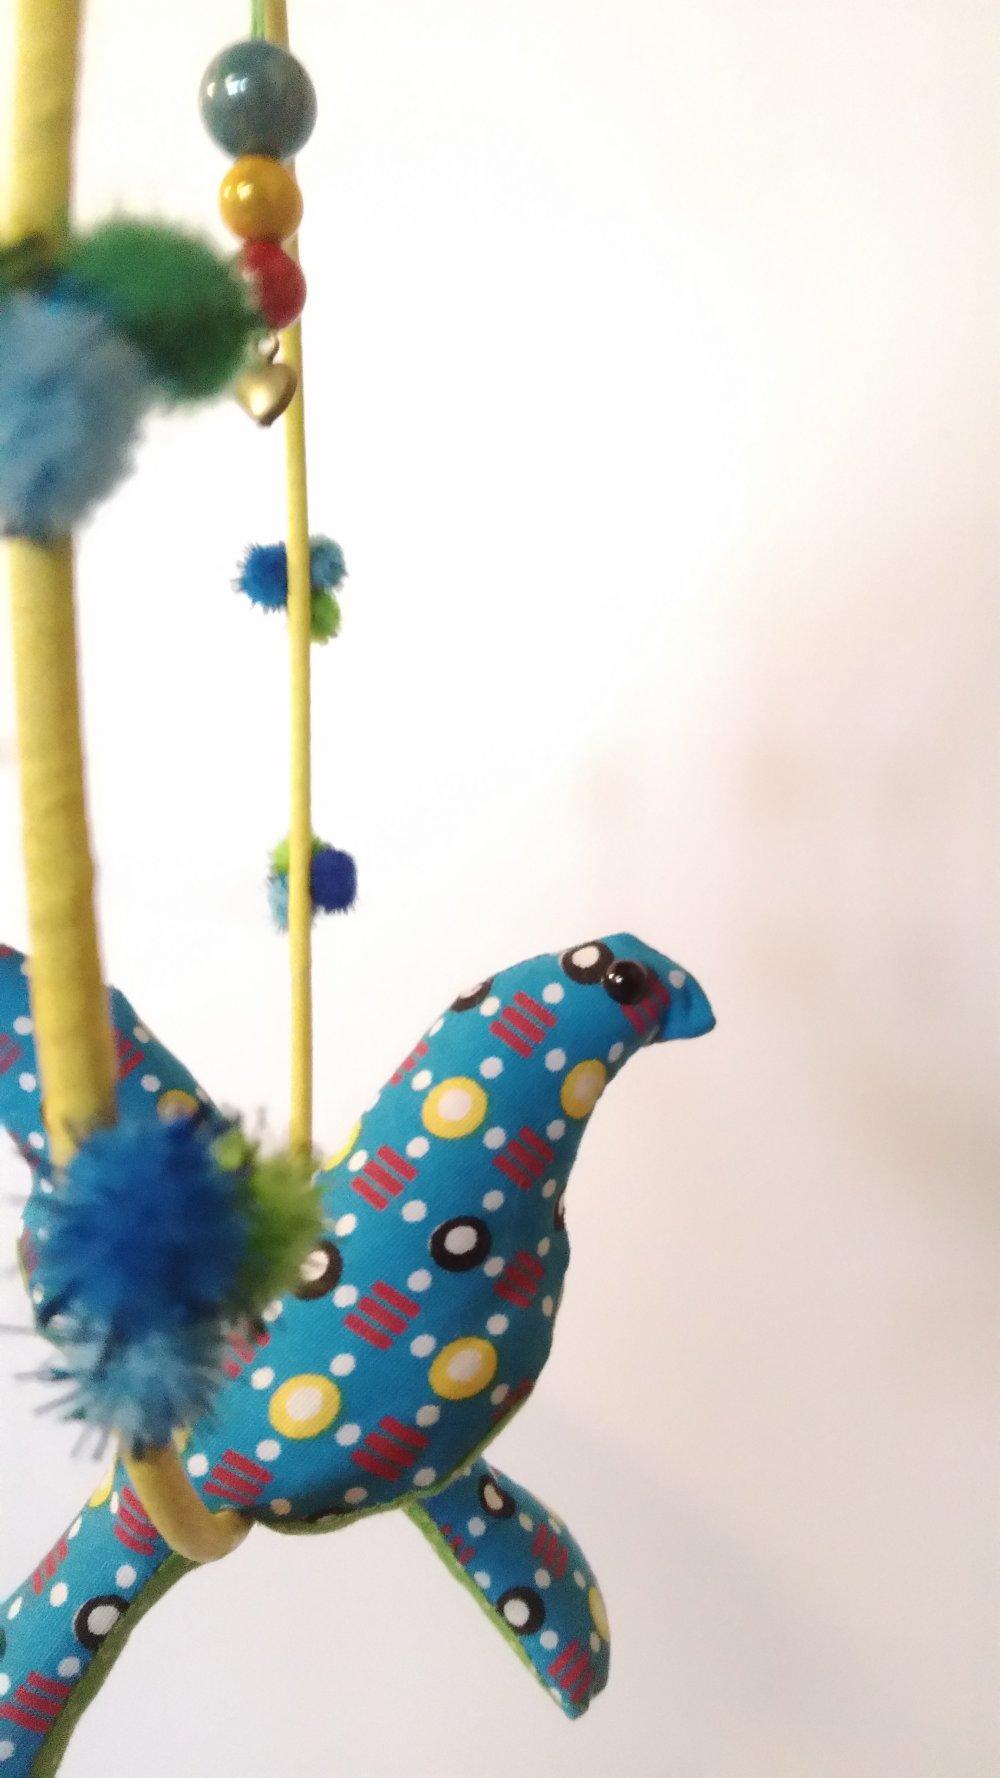 Suspension / mobile avec deux oiseaux en tissu bleu et vert